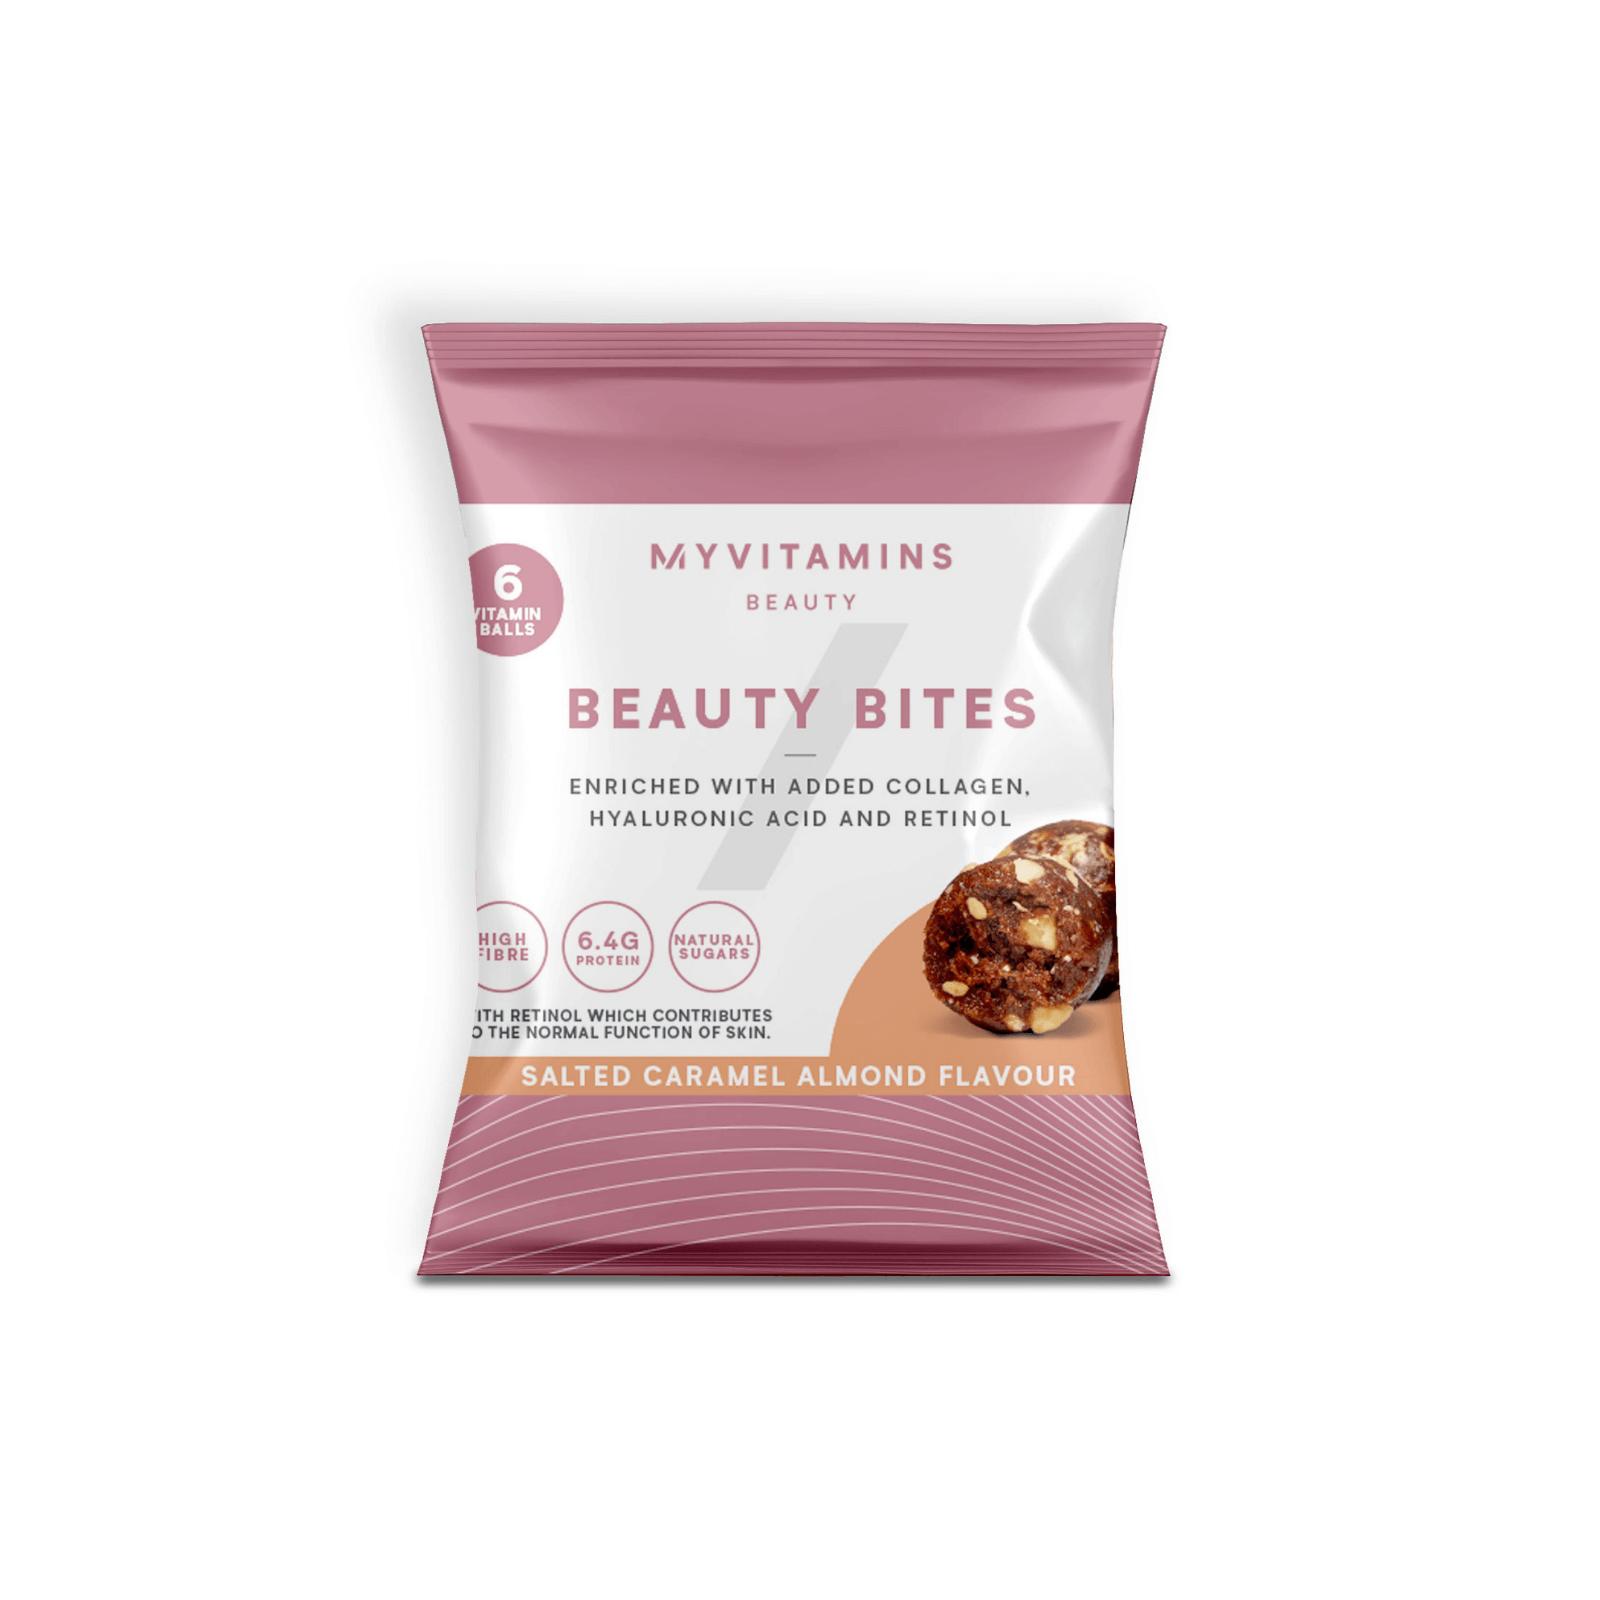 Beauty Bites Myprotein Para que sirve el colágeno hidrolizado, beneficios para la piel. Bebidas y alimentos. Cómo tomar colágeno marino, bovino, en polvo, cremas.